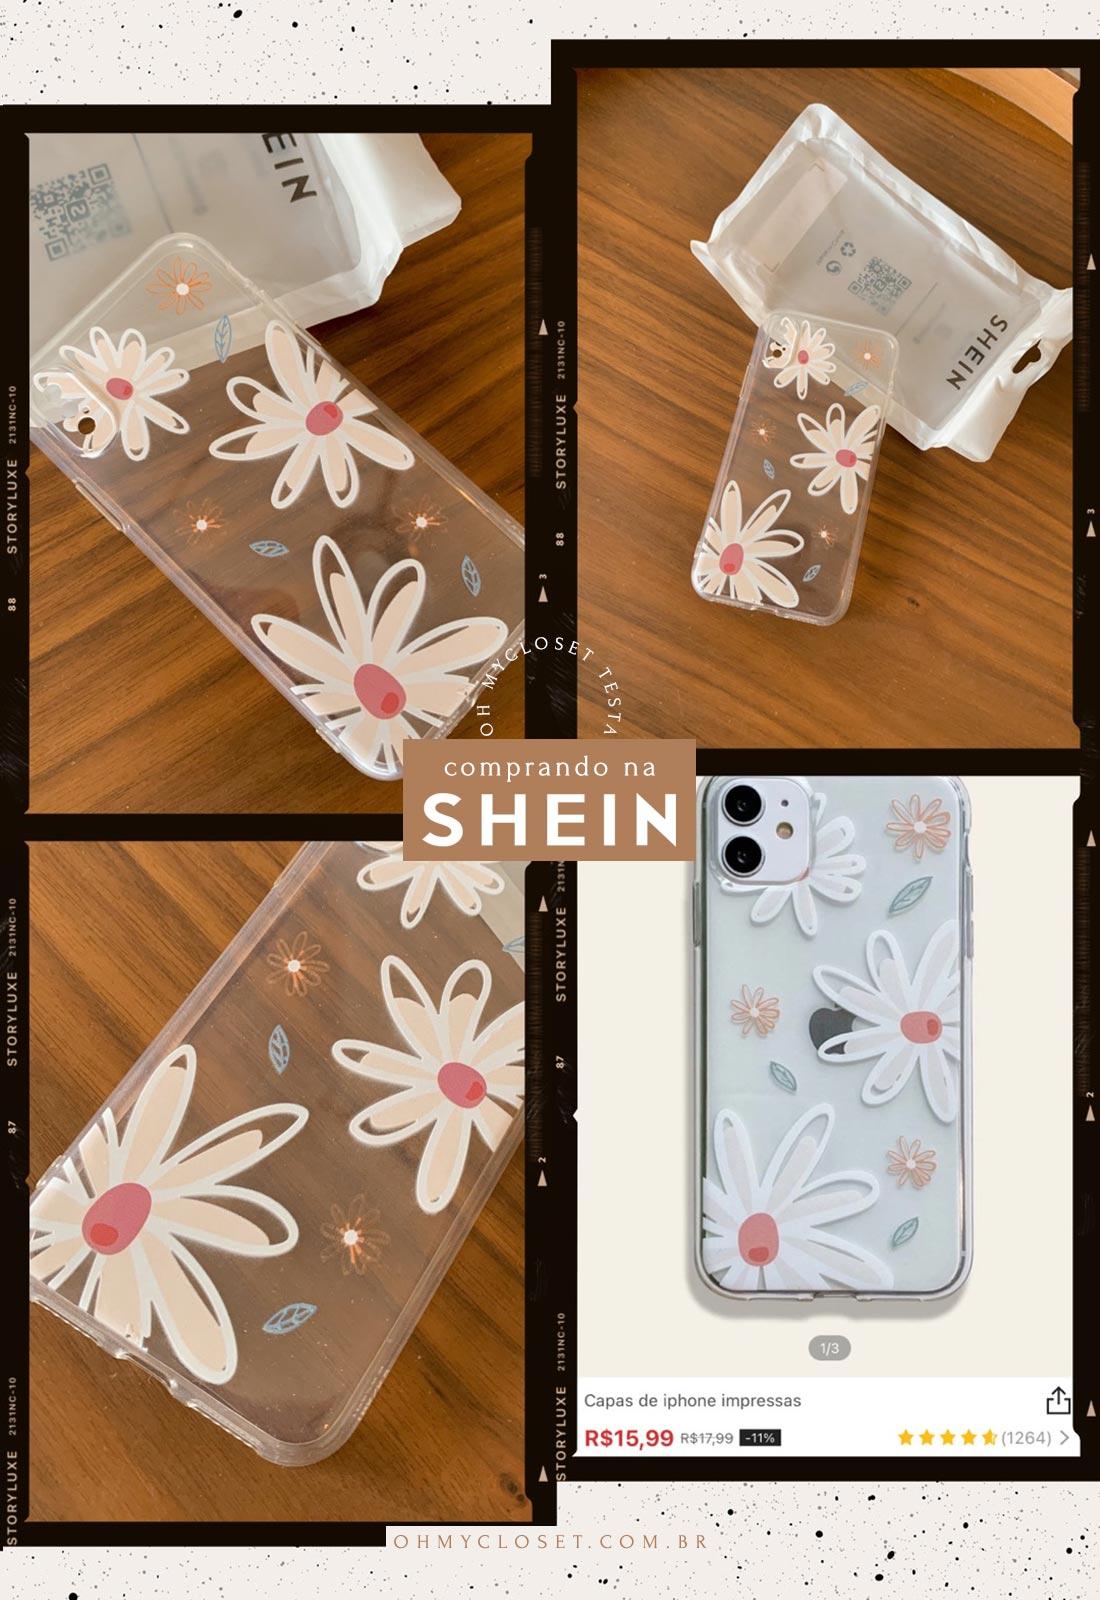 Capinha para celular iPhone da SHEIN.